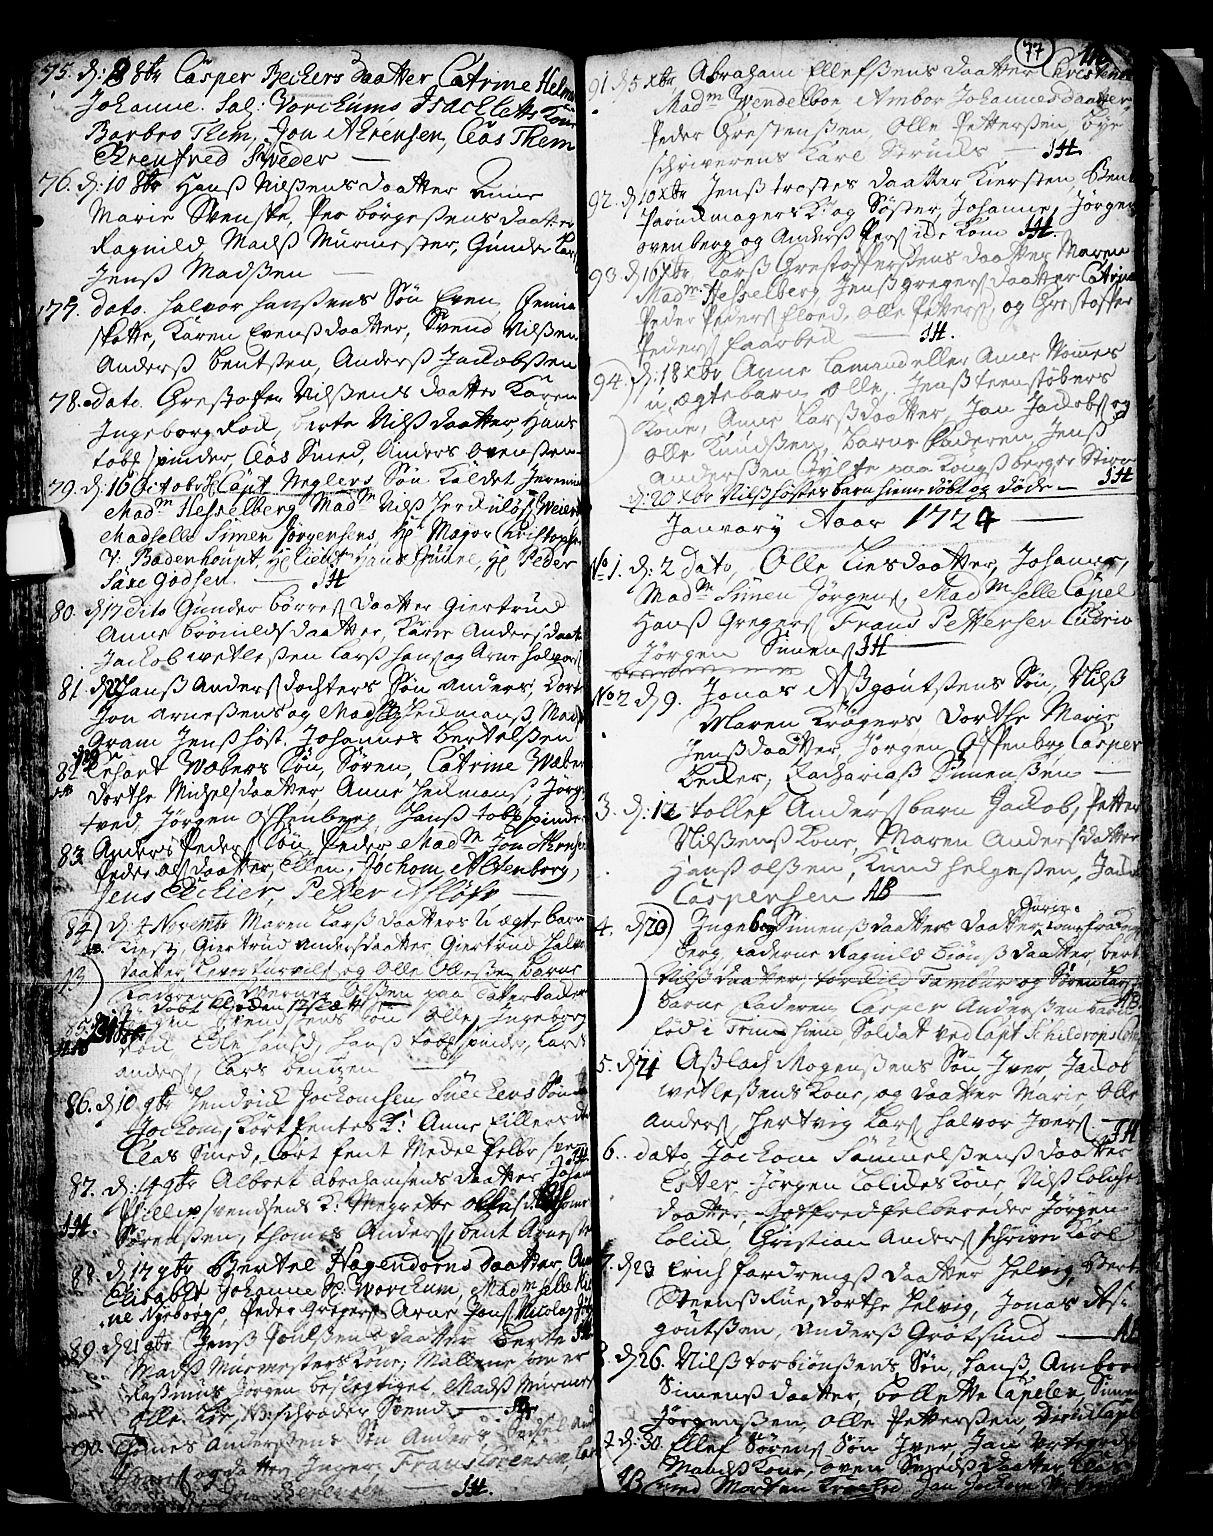 SAKO, Skien kirkebøker, F/Fa/L0002: Ministerialbok nr. 2, 1716-1757, s. 77